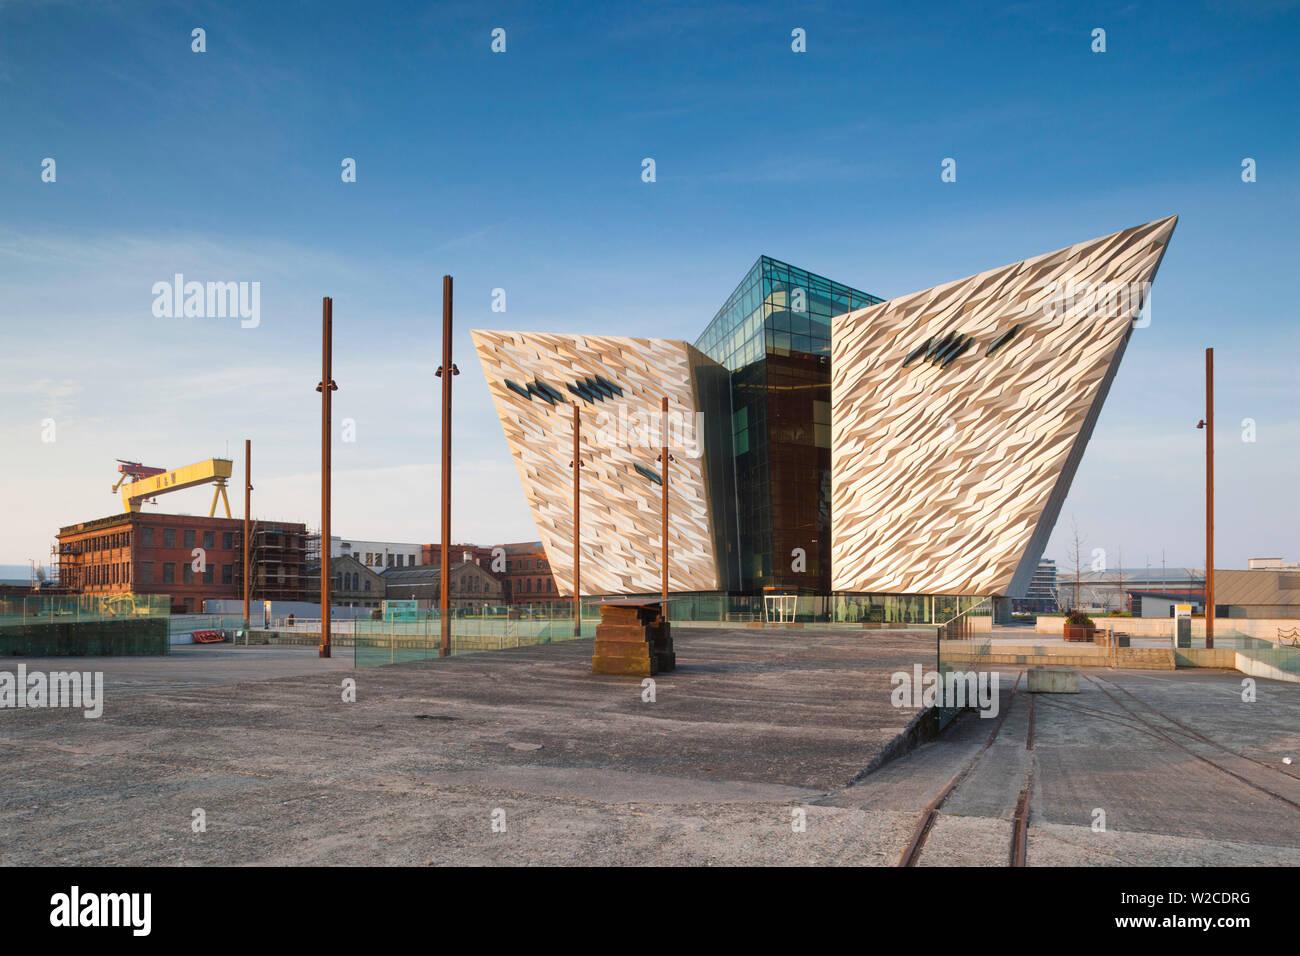 UK, Northern Ireland, Belfast, Belfast Docklands, Titanic Belfast Museum, exterior - Stock Image